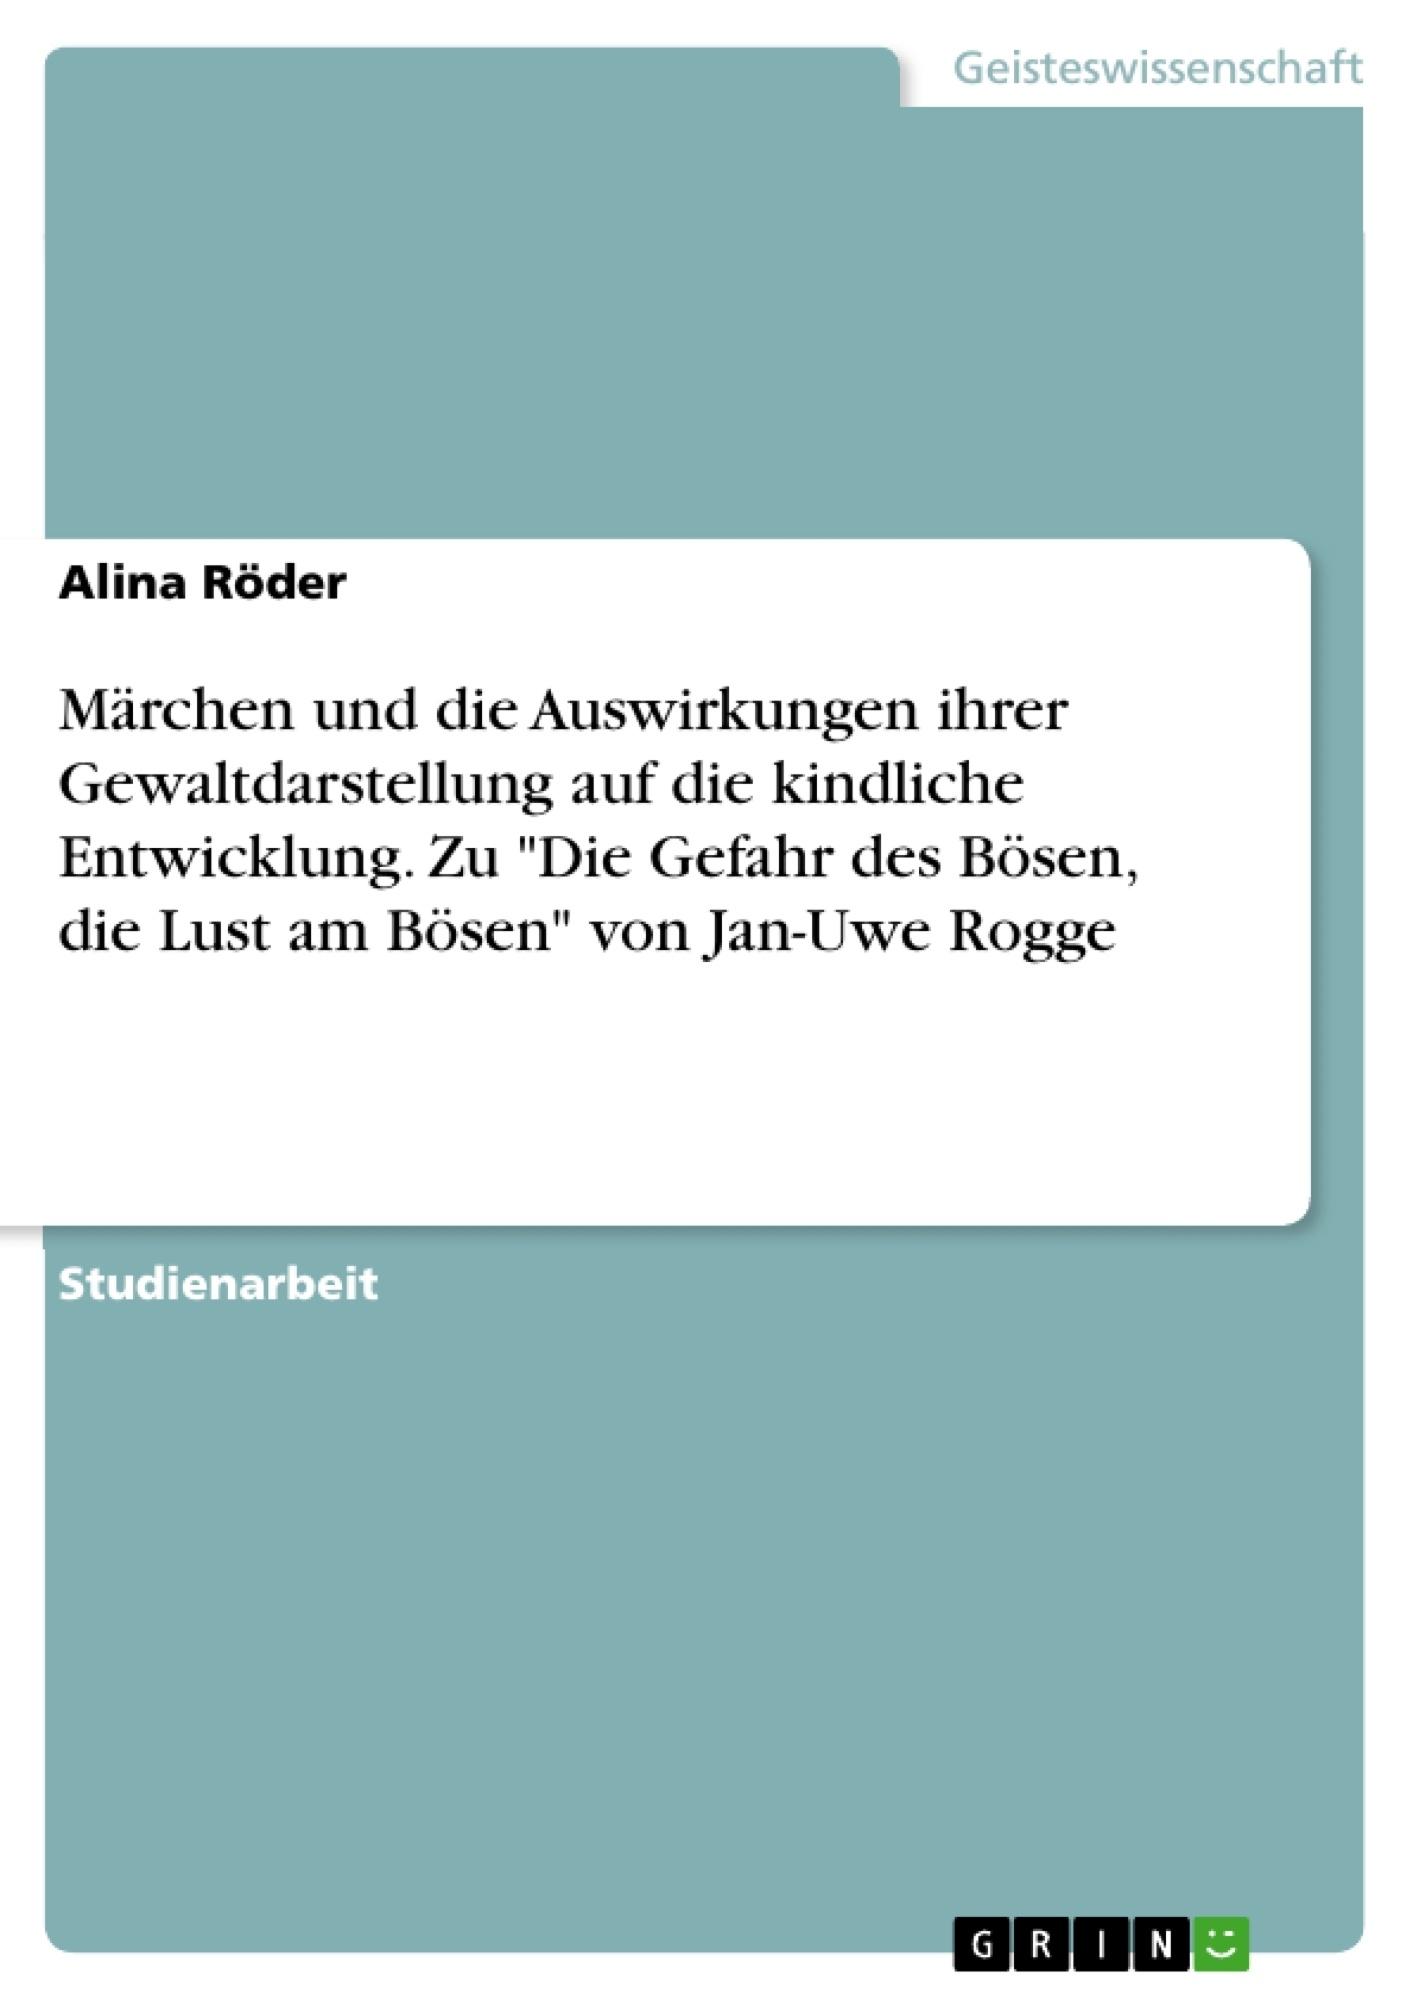 """Titel: Märchen und die Auswirkungen ihrer Gewaltdarstellung auf die kindliche Entwicklung. Zu """"Die Gefahr des Bösen, die Lust am Bösen""""  von Jan-Uwe Rogge"""